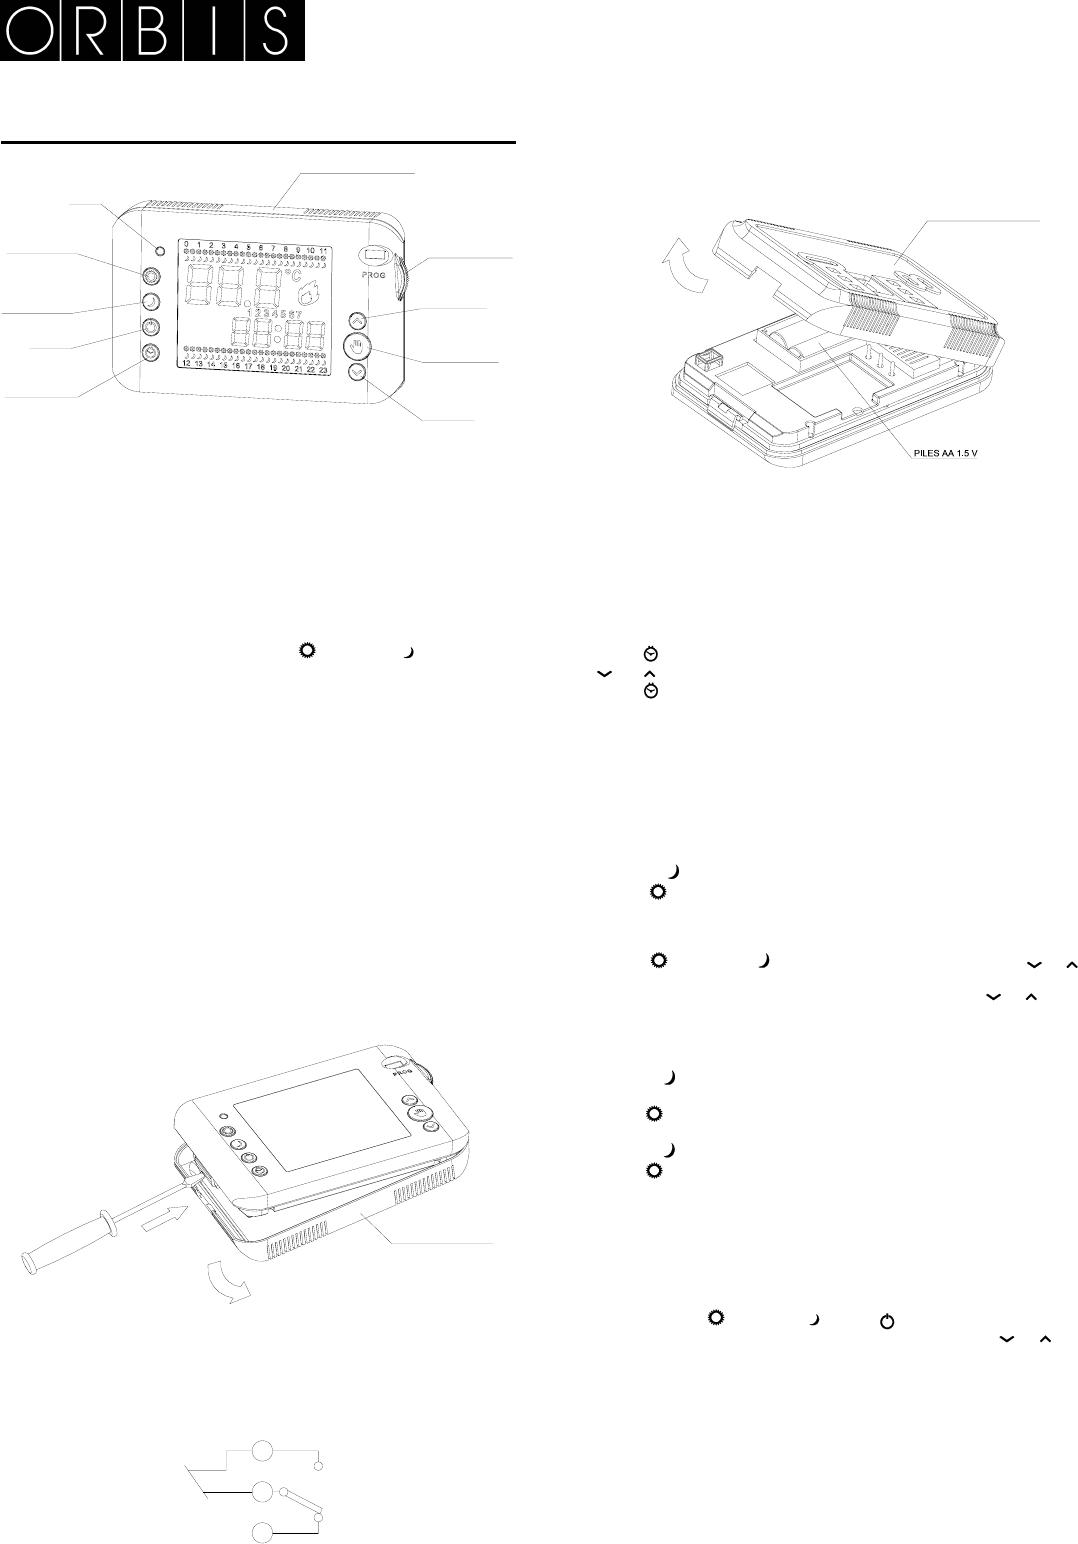 schema electrique passage a niveau